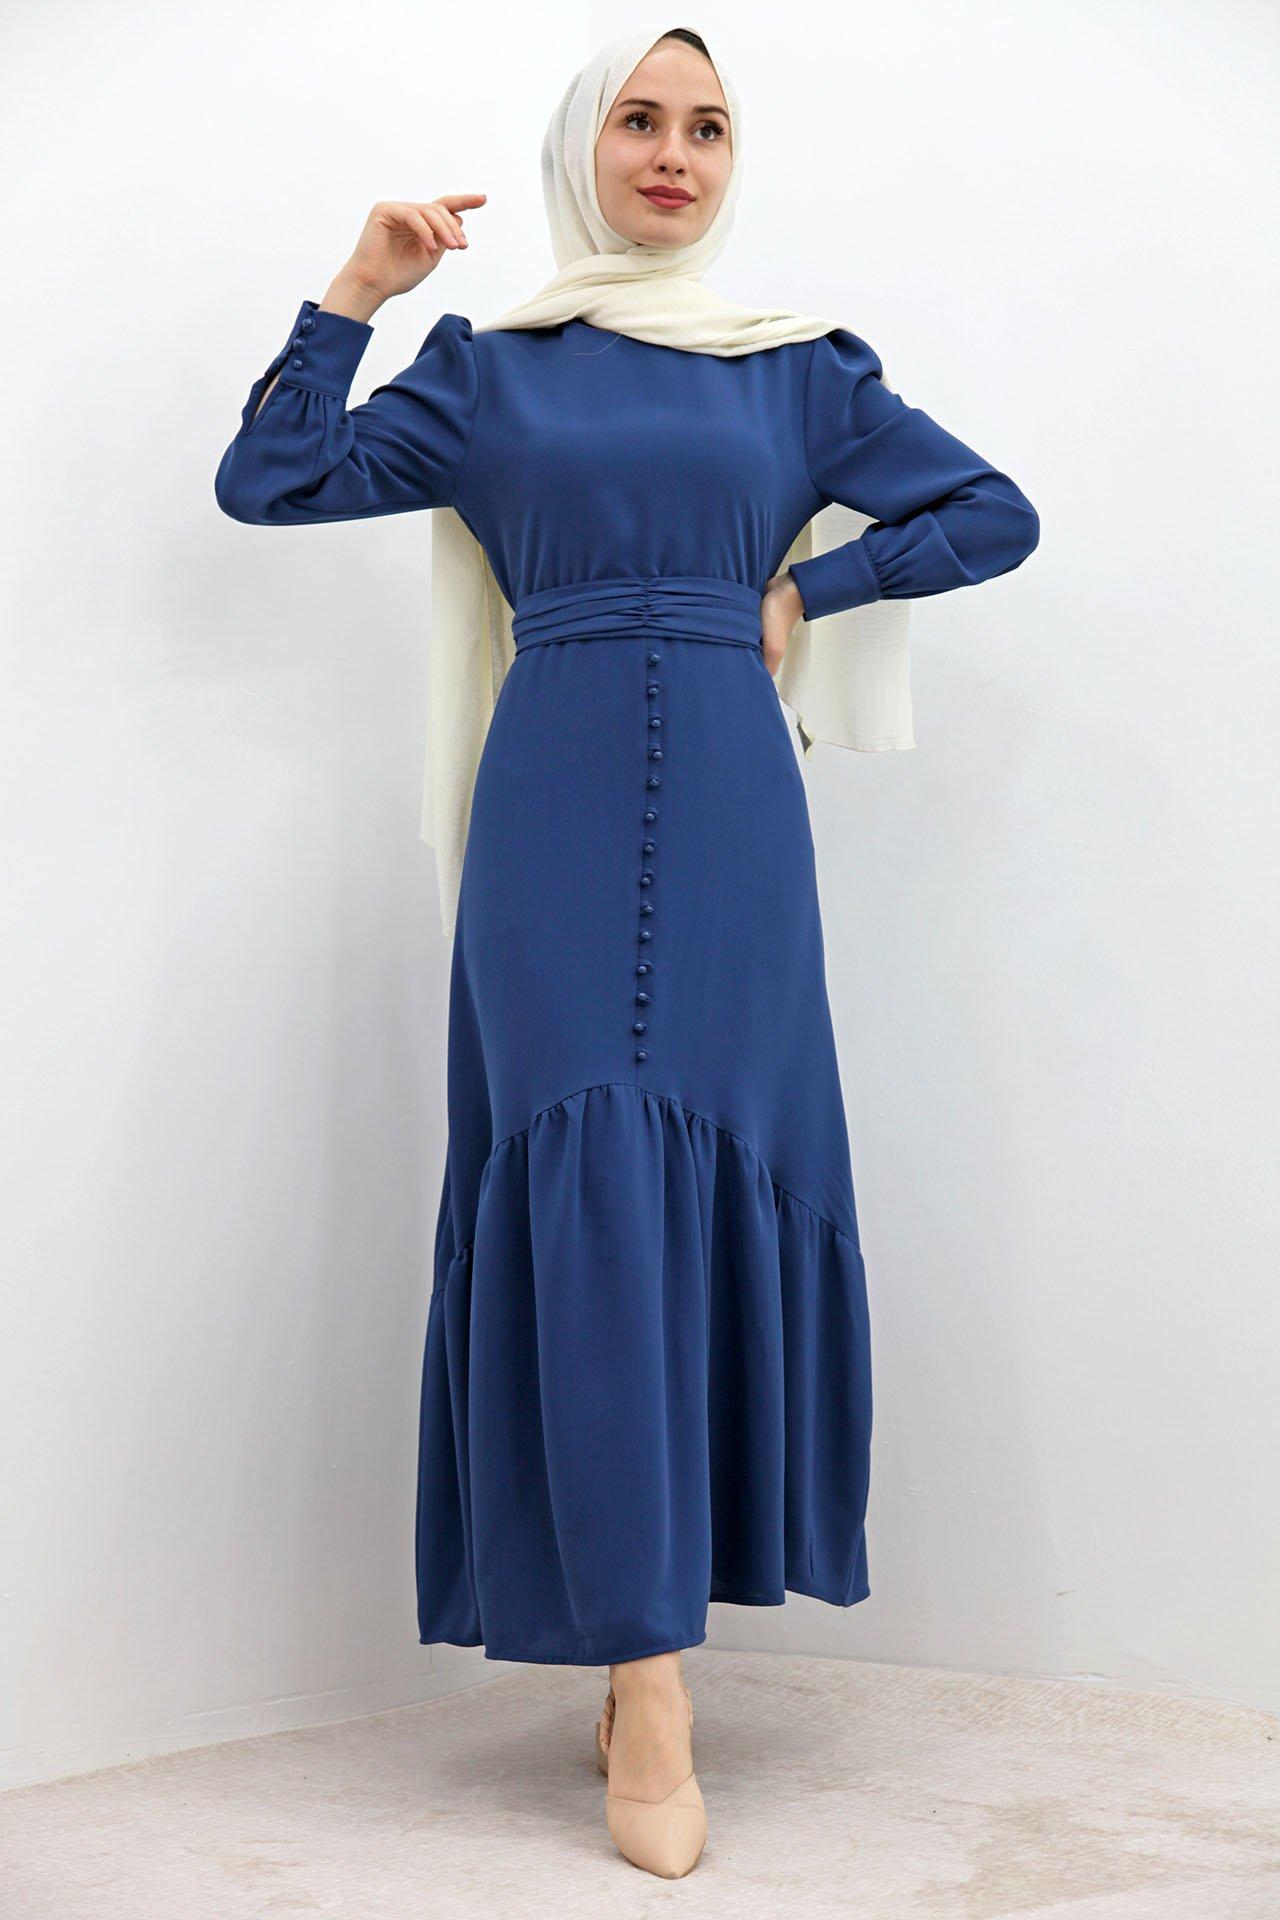 GİZAGİYİM - Düğme Detaylı Kuşaklı Elbise Mavi